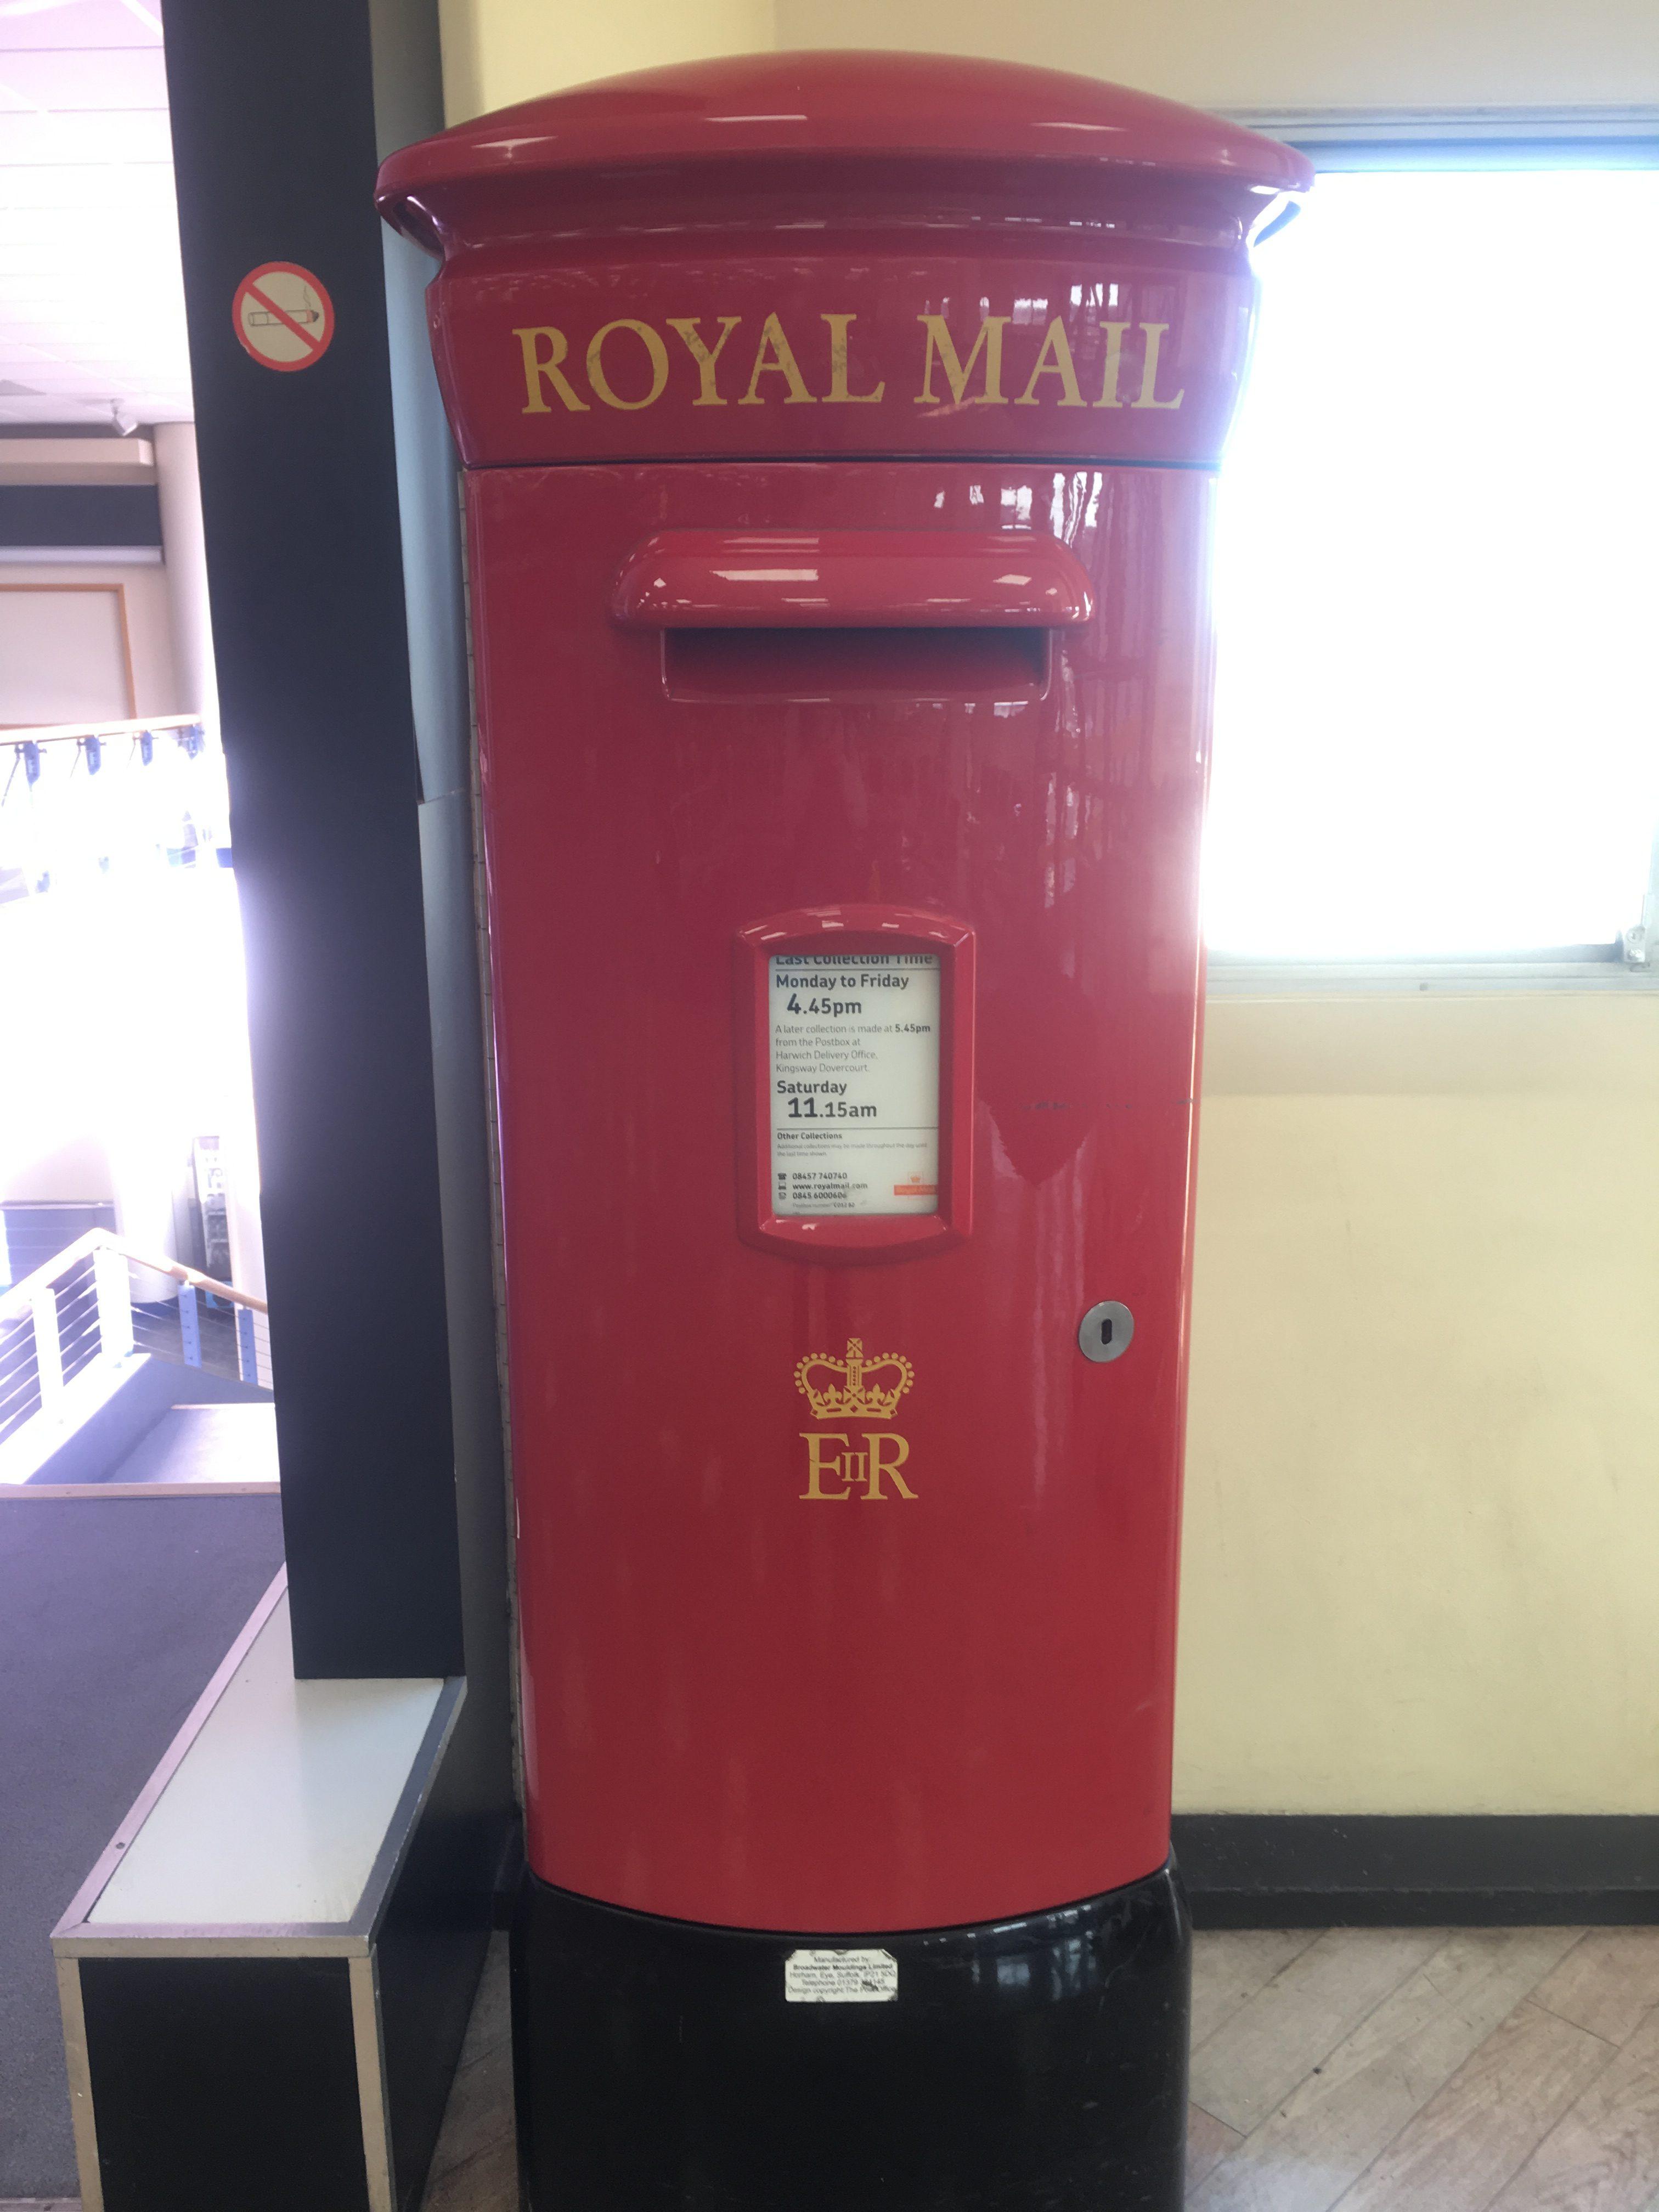 British Royal Mail Box at Harwich Port